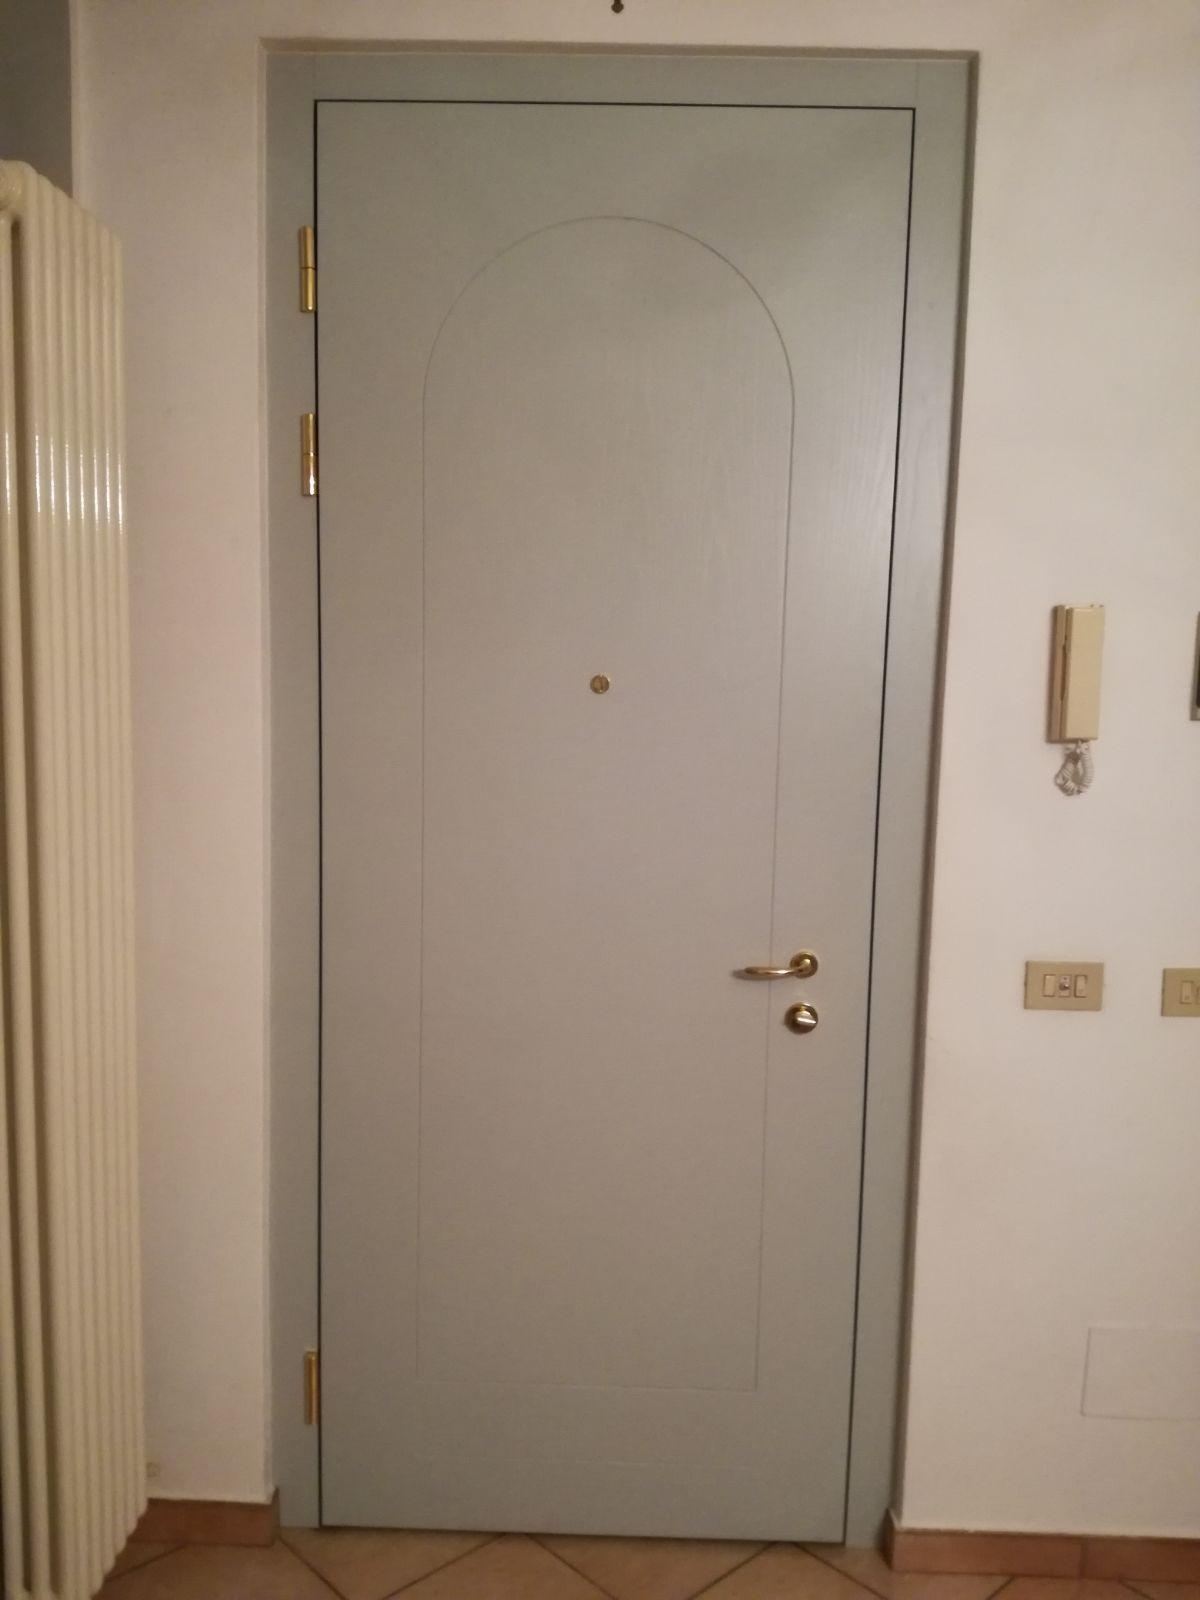 Porte interne in legno - ANDREETTO E MOROSATO S.A.S